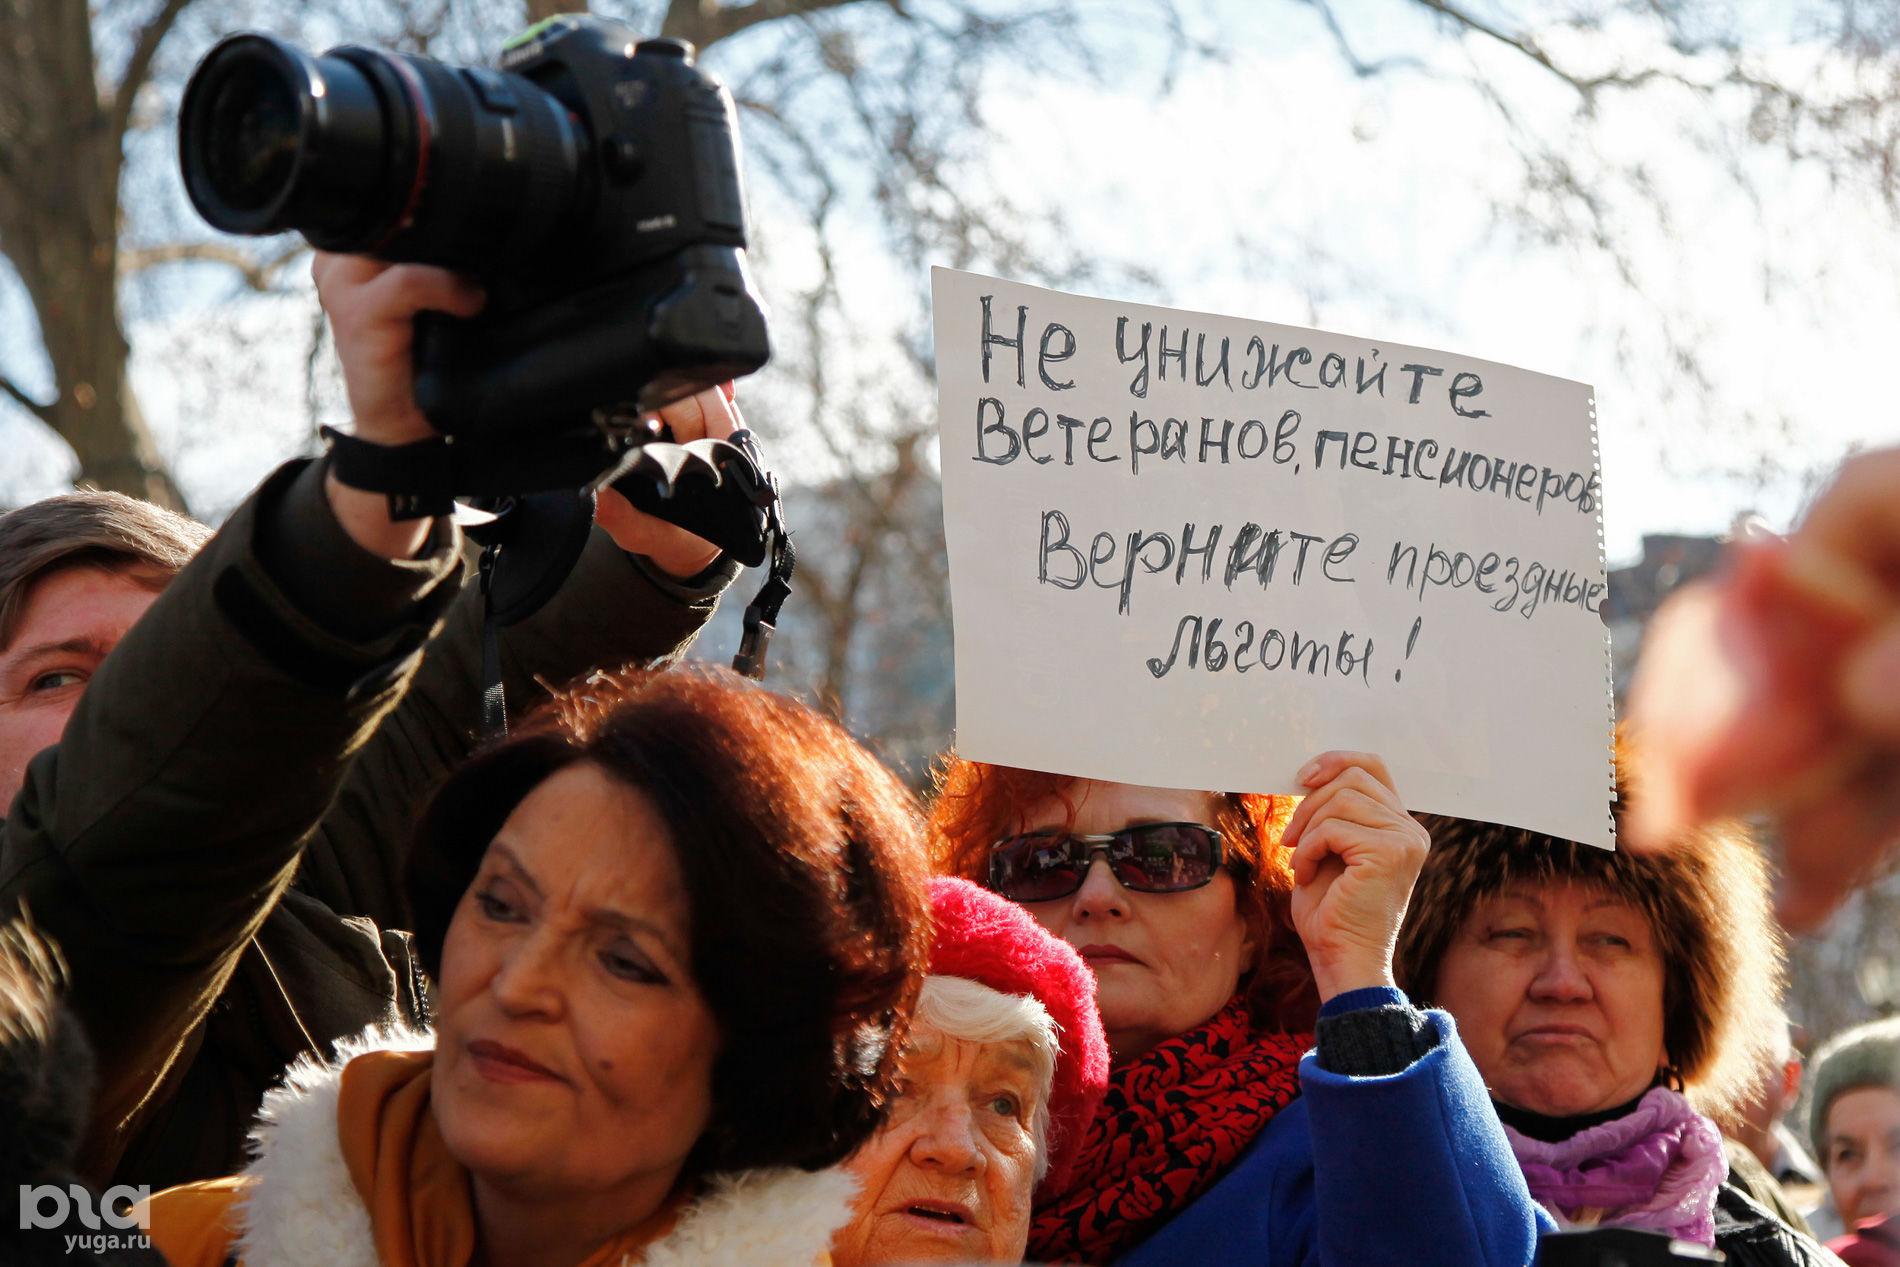 фото с митинга пенсионеров в краснодаре нем по-прежнему содержится